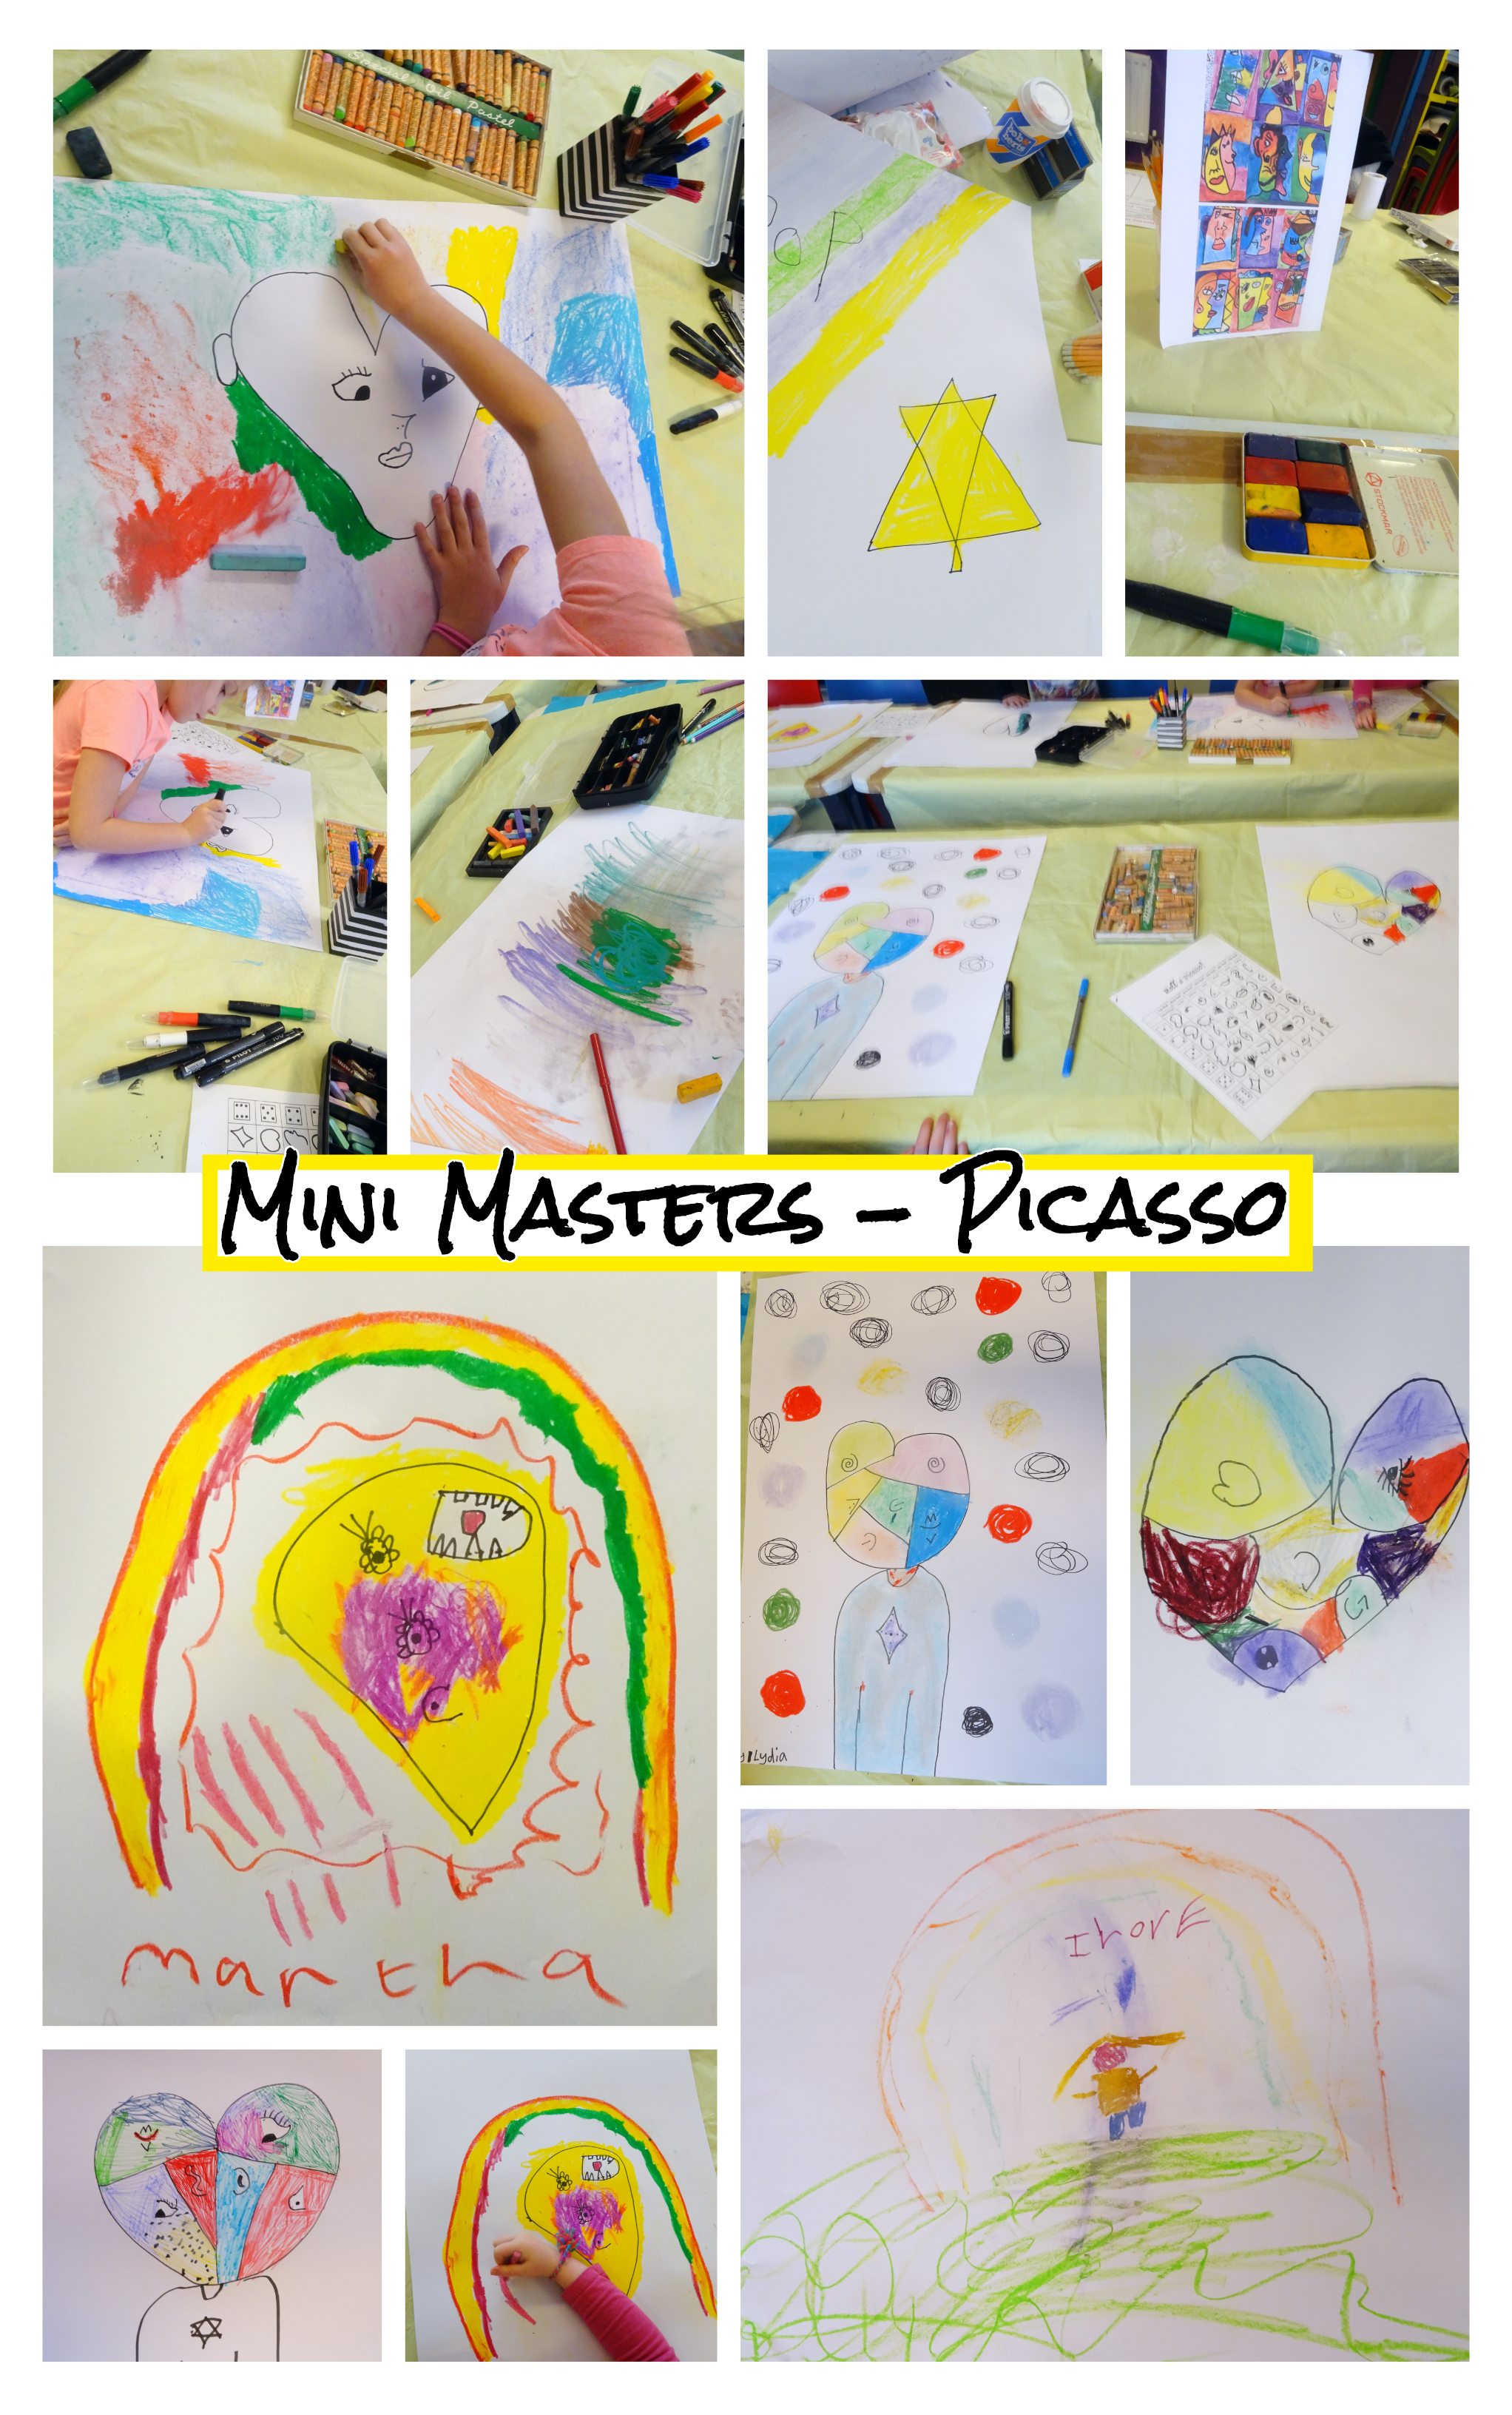 Mini Masters Picasso 2.1